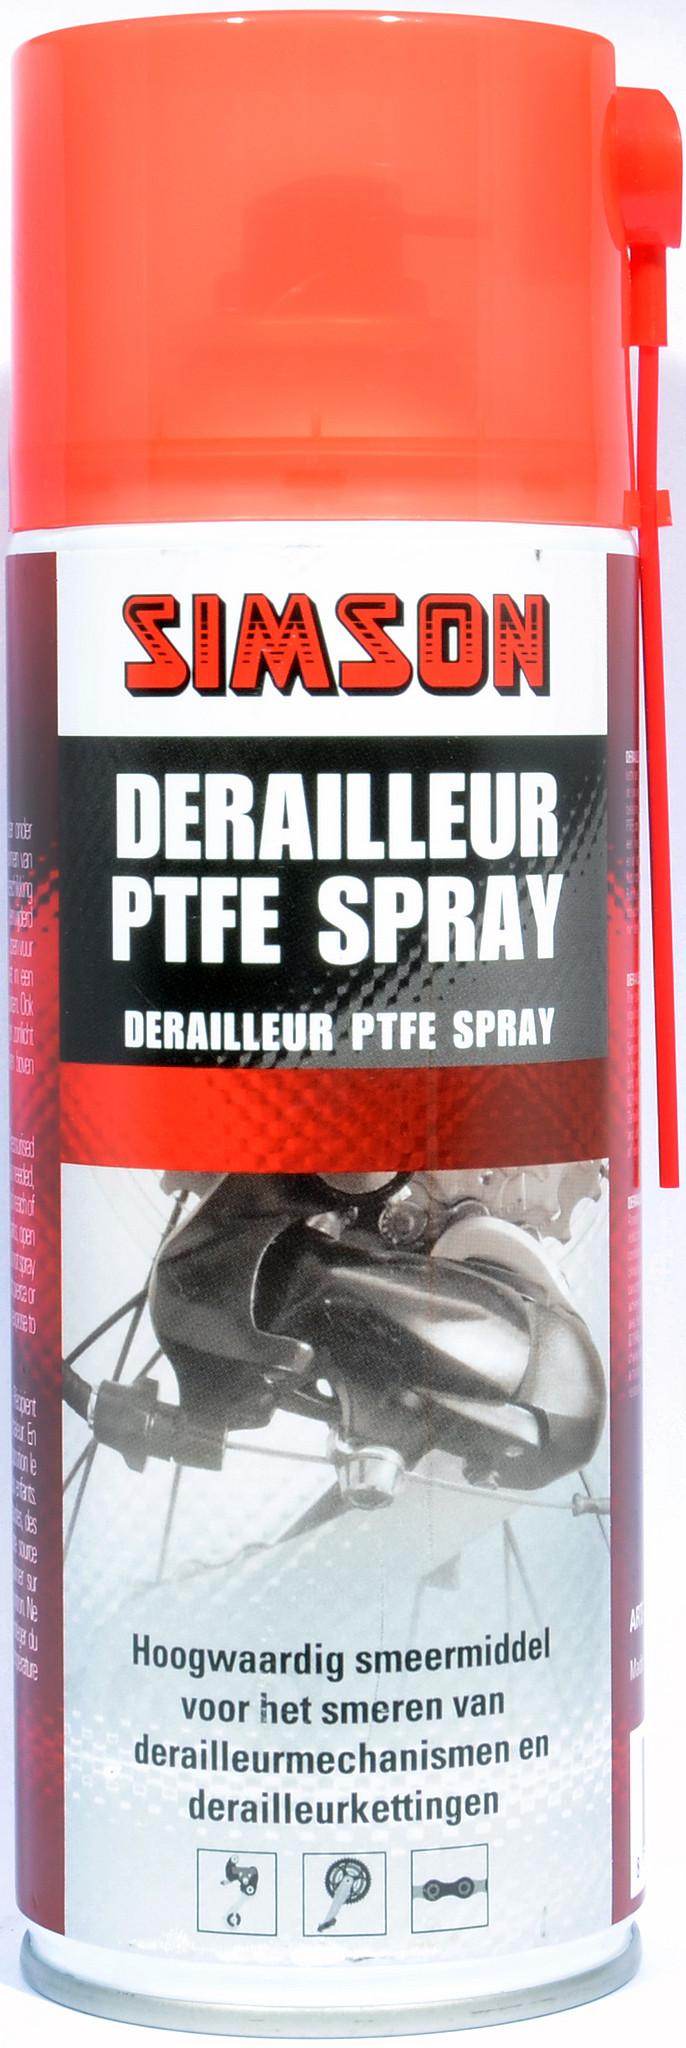 Simson Derailleur PTFE spray